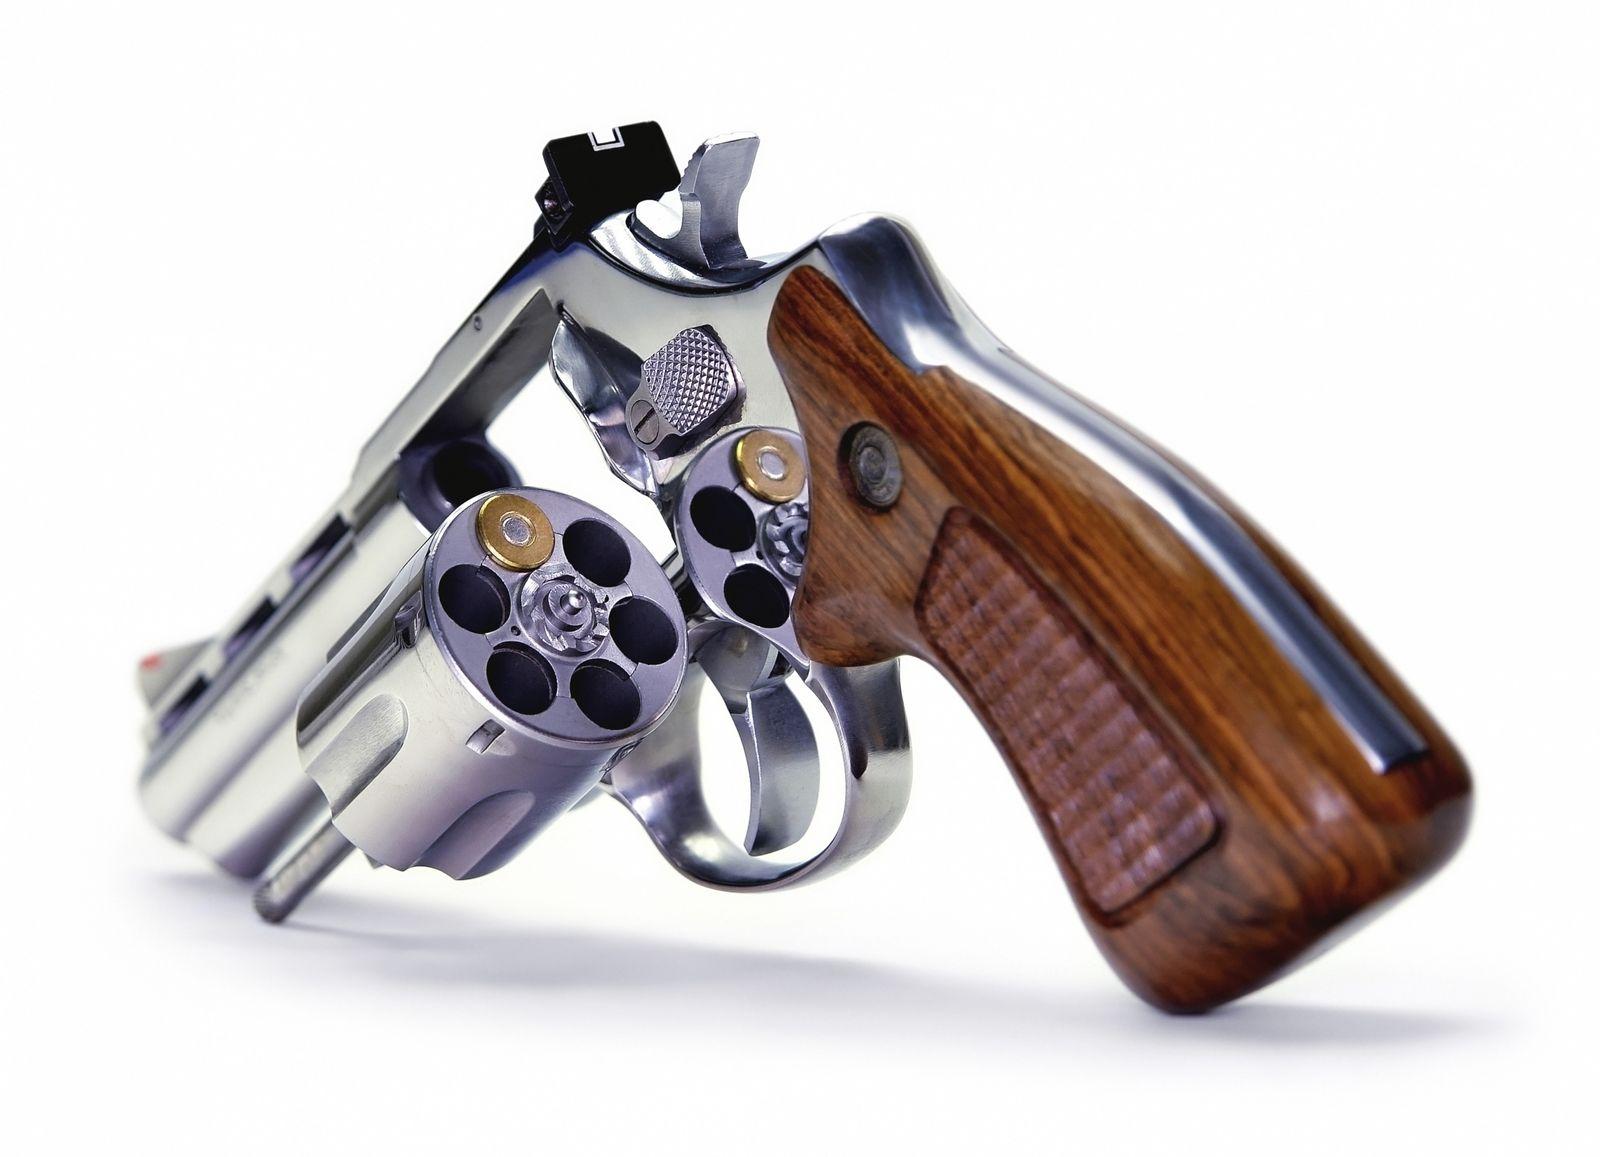 NICHT MEHR VERWENDEN! - Revolver/ Russisches Roulette